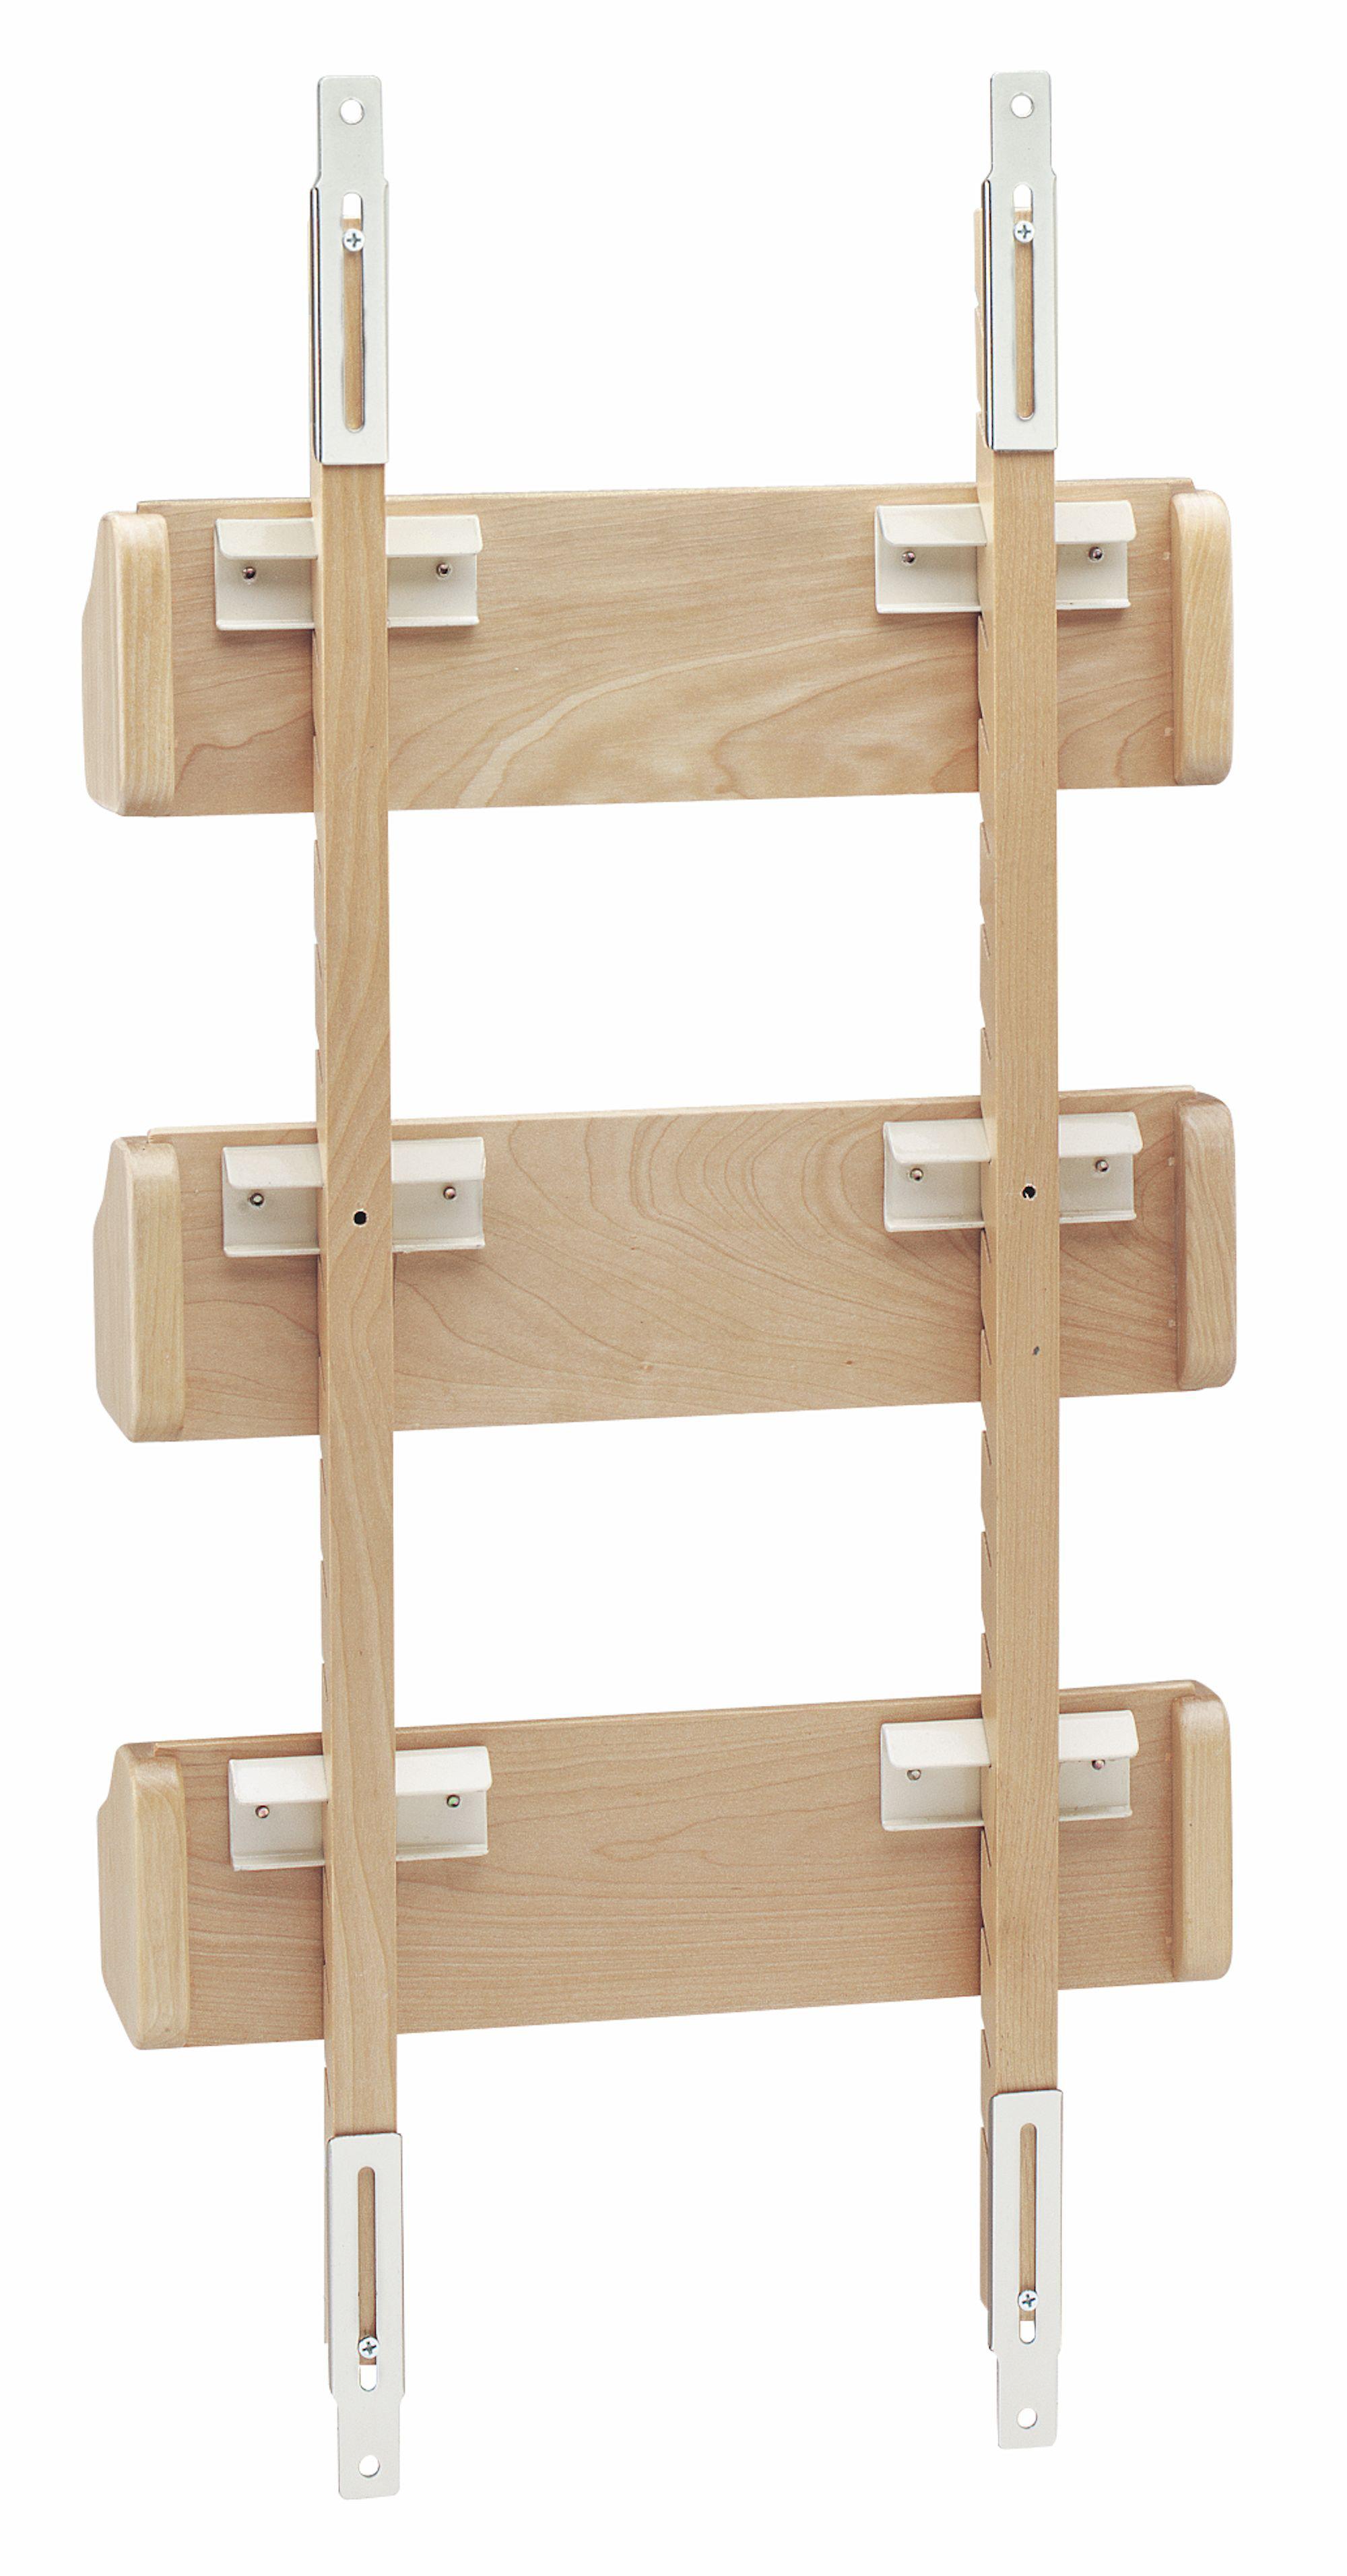 Rev A Shelf Adjustable Door Mount Spice Rack U0026 Reviews | Wayfair